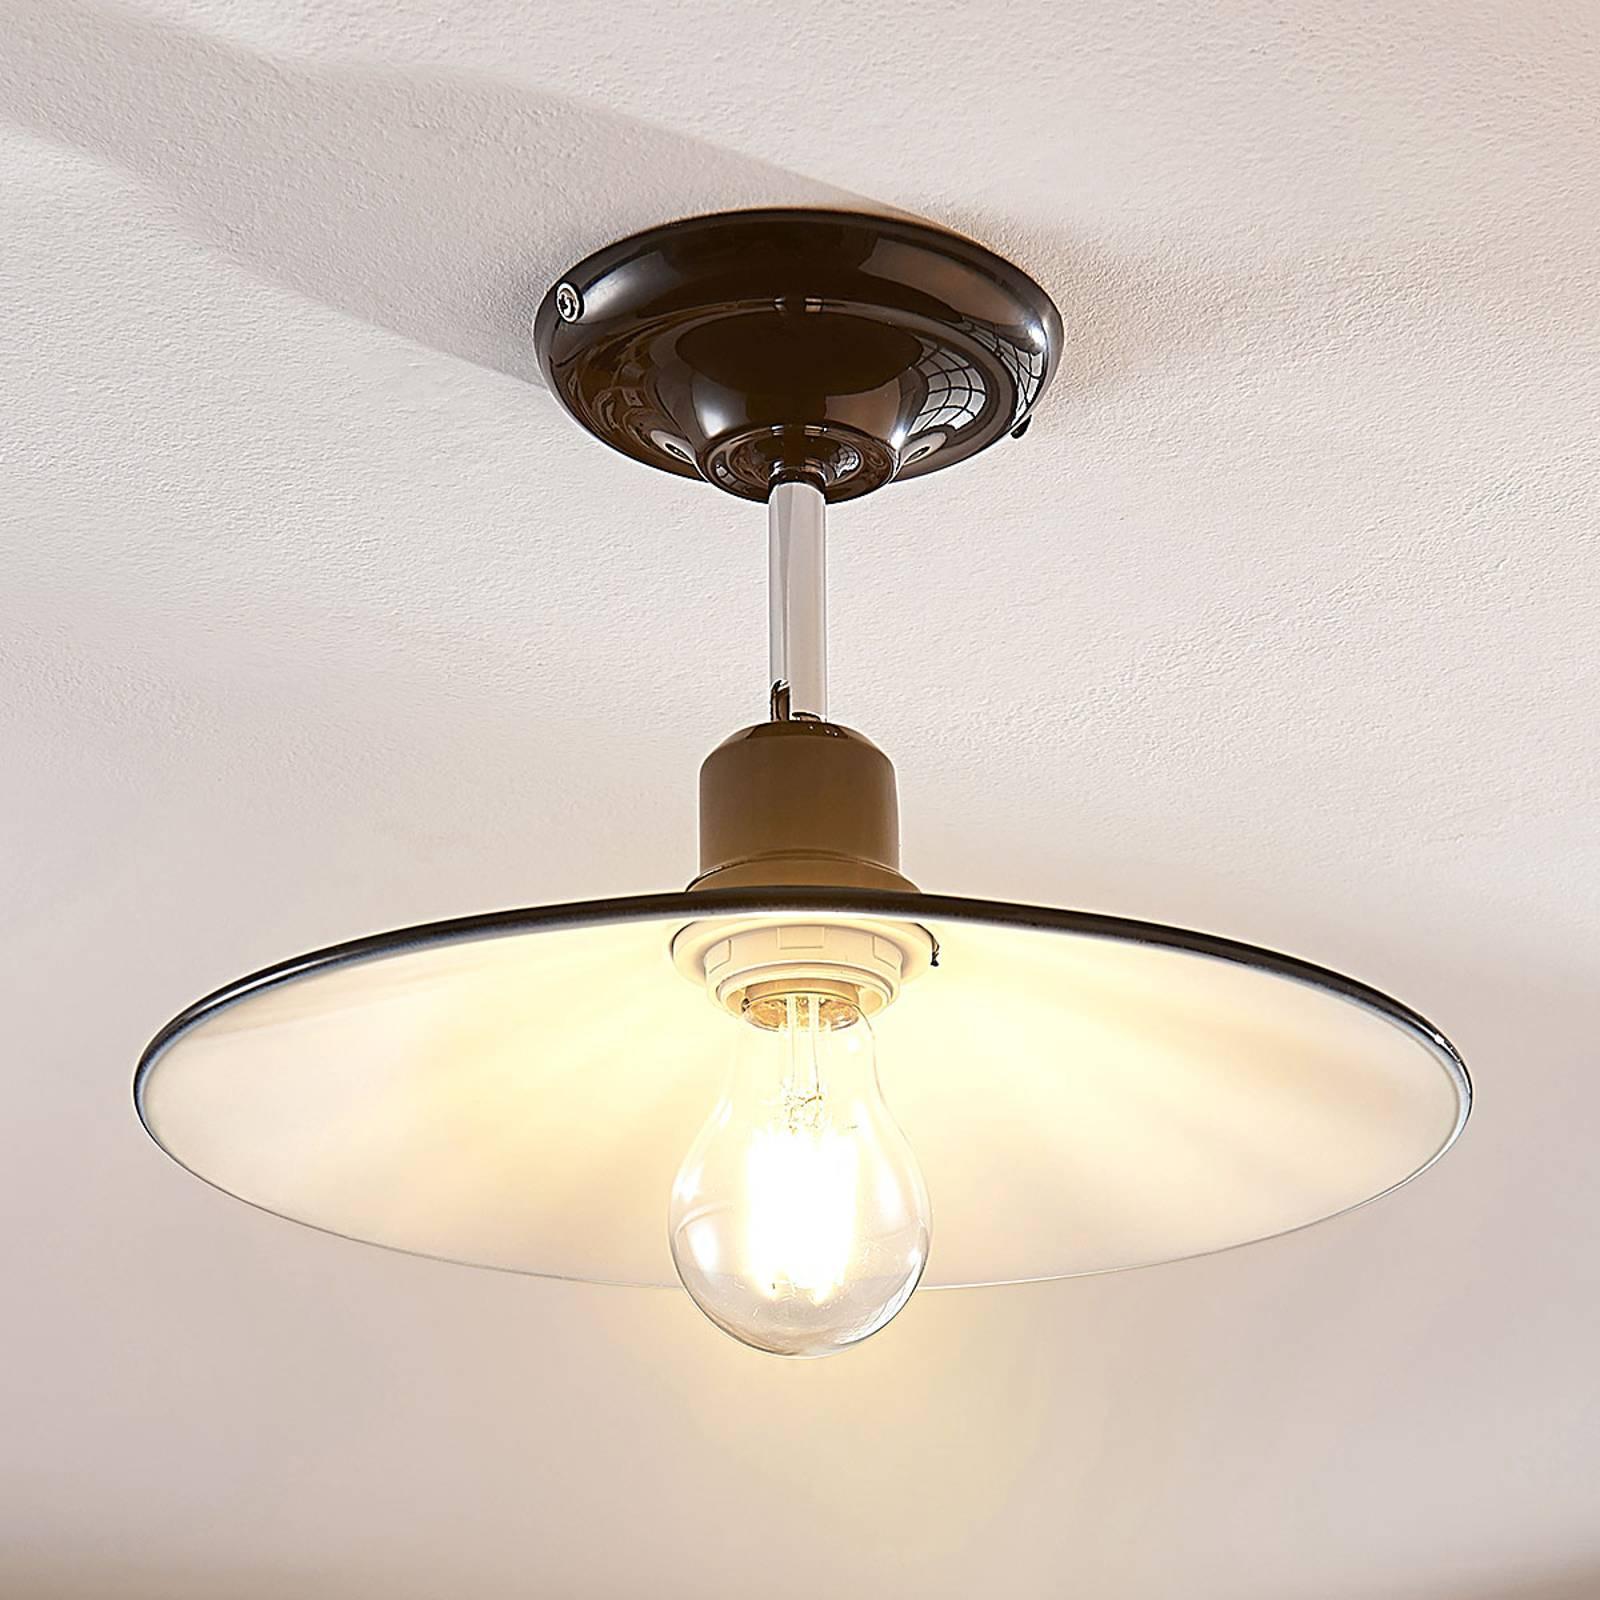 Zwarte metalen plafondlamp Phinea, vintage look